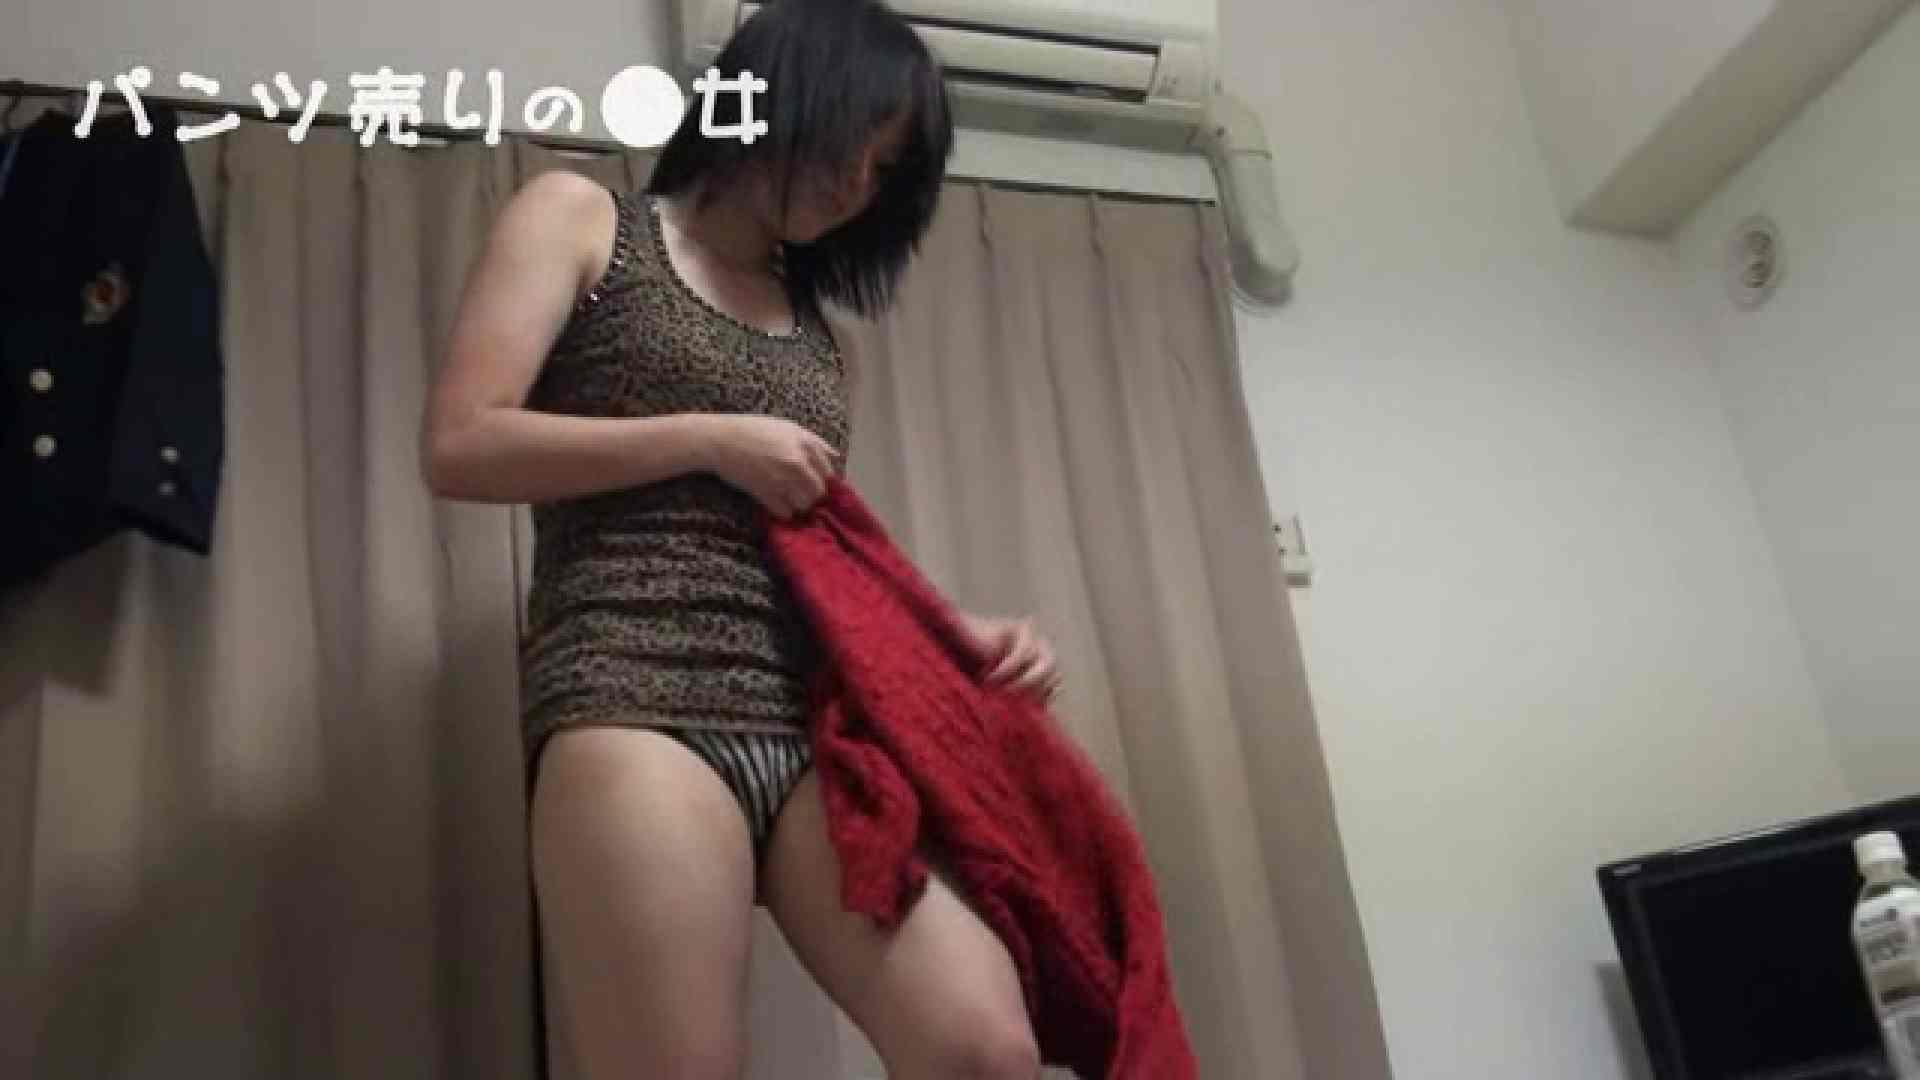 新説 パンツ売りの女の子mizuki 一般投稿  109枚 78